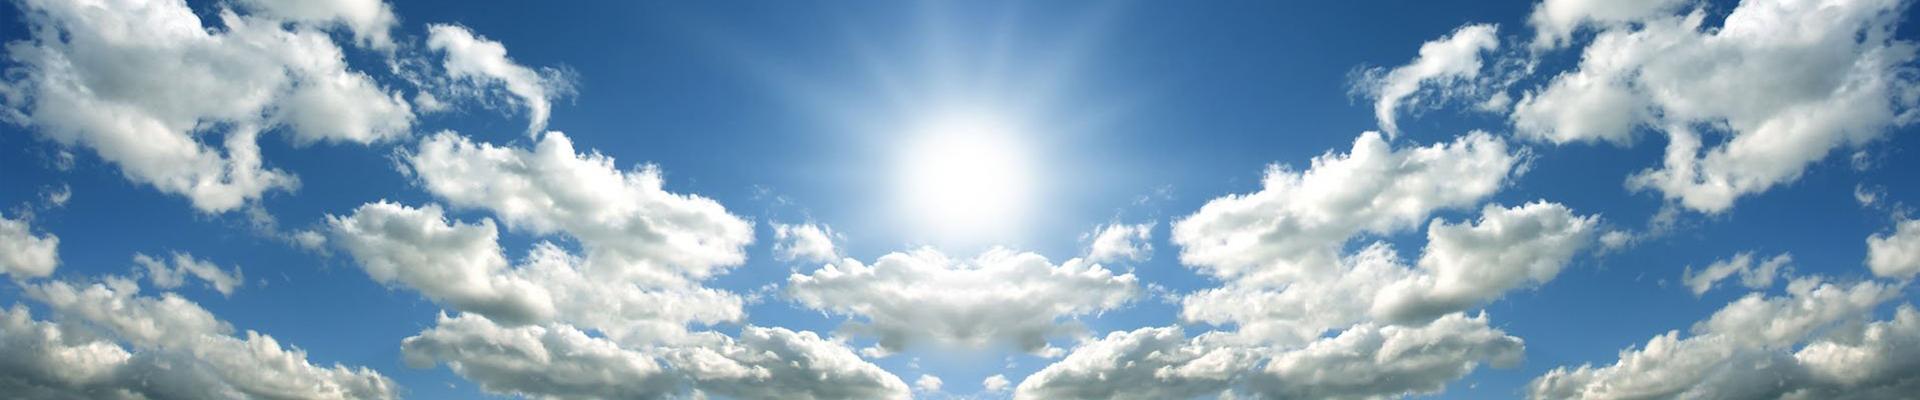 il-sole-di-boario-energie-rinnovabili-indipendenza-energetica